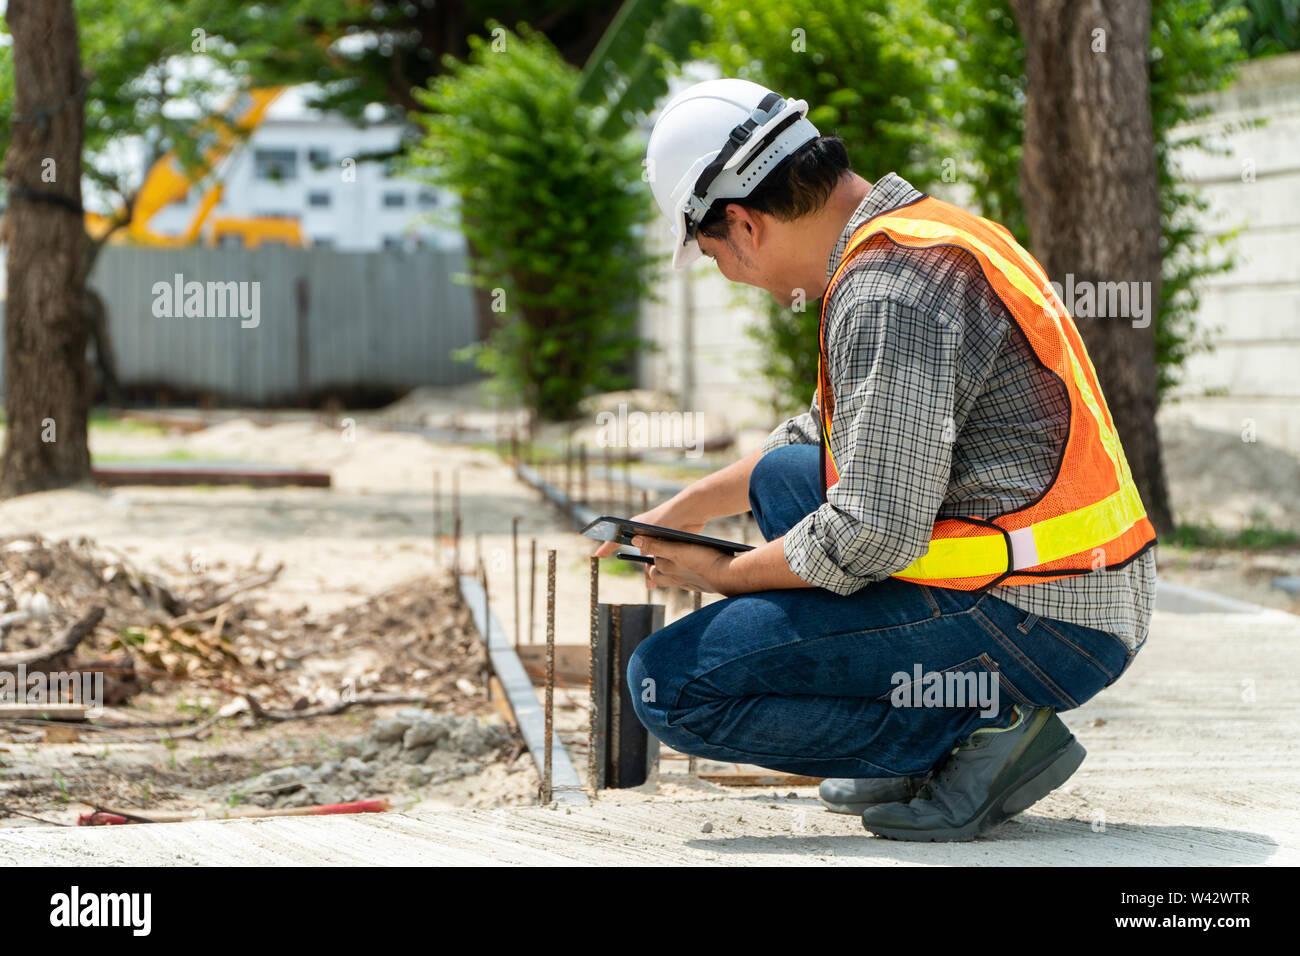 L'ingénierie, portant un casque et holding tablets, s'assoir pour vérifier la structure du couloir dans le parc Banque D'Images